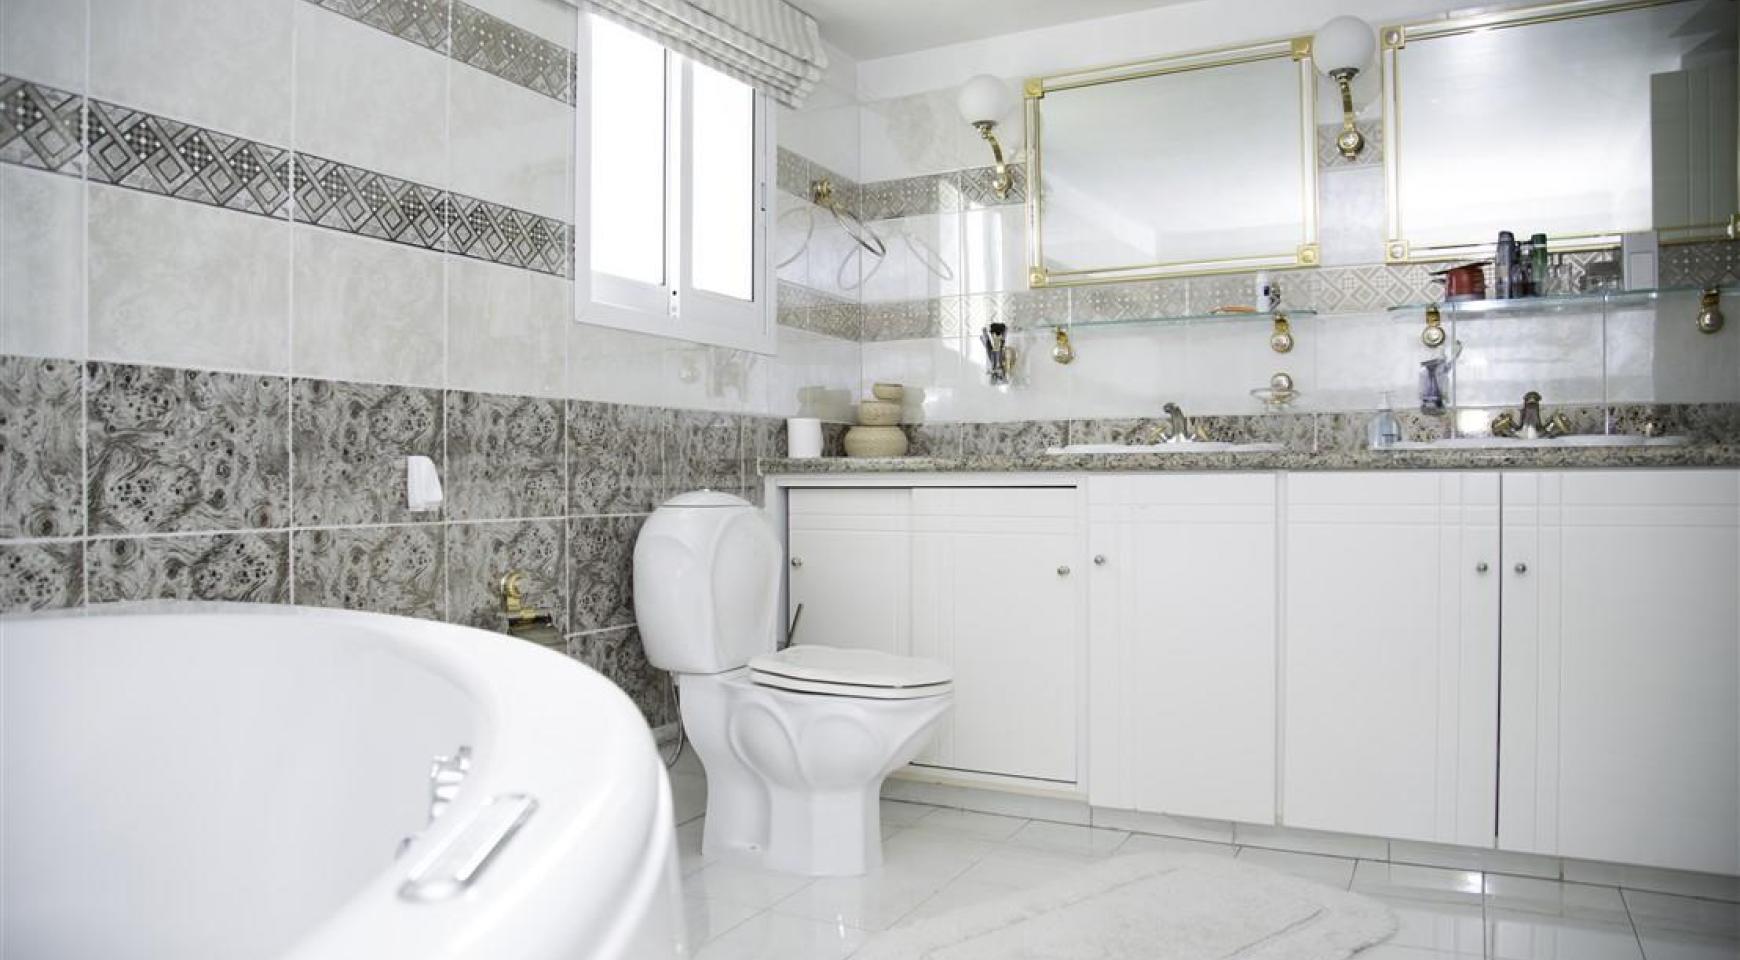 Spacious 5 Bedroom House in Agios Athanasios Area - 24